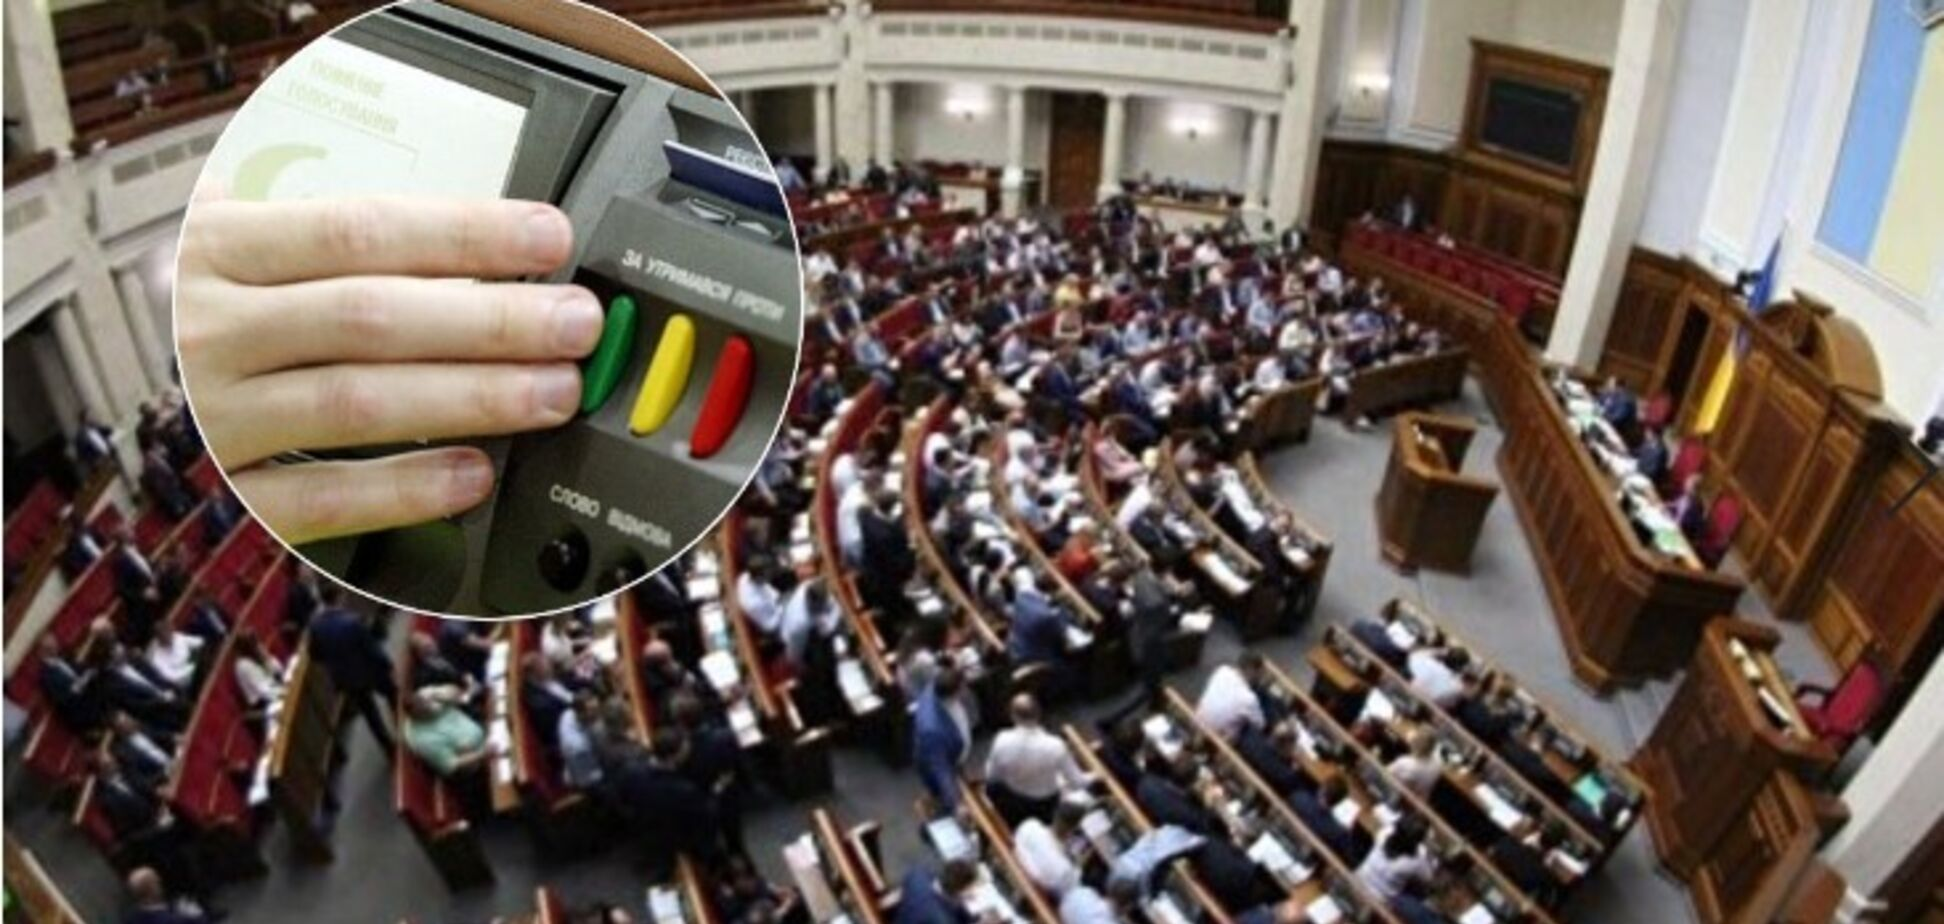 Закон проти 'бл*дства': 'СН' позбавляє депутатів права на бунт... і особисту думку